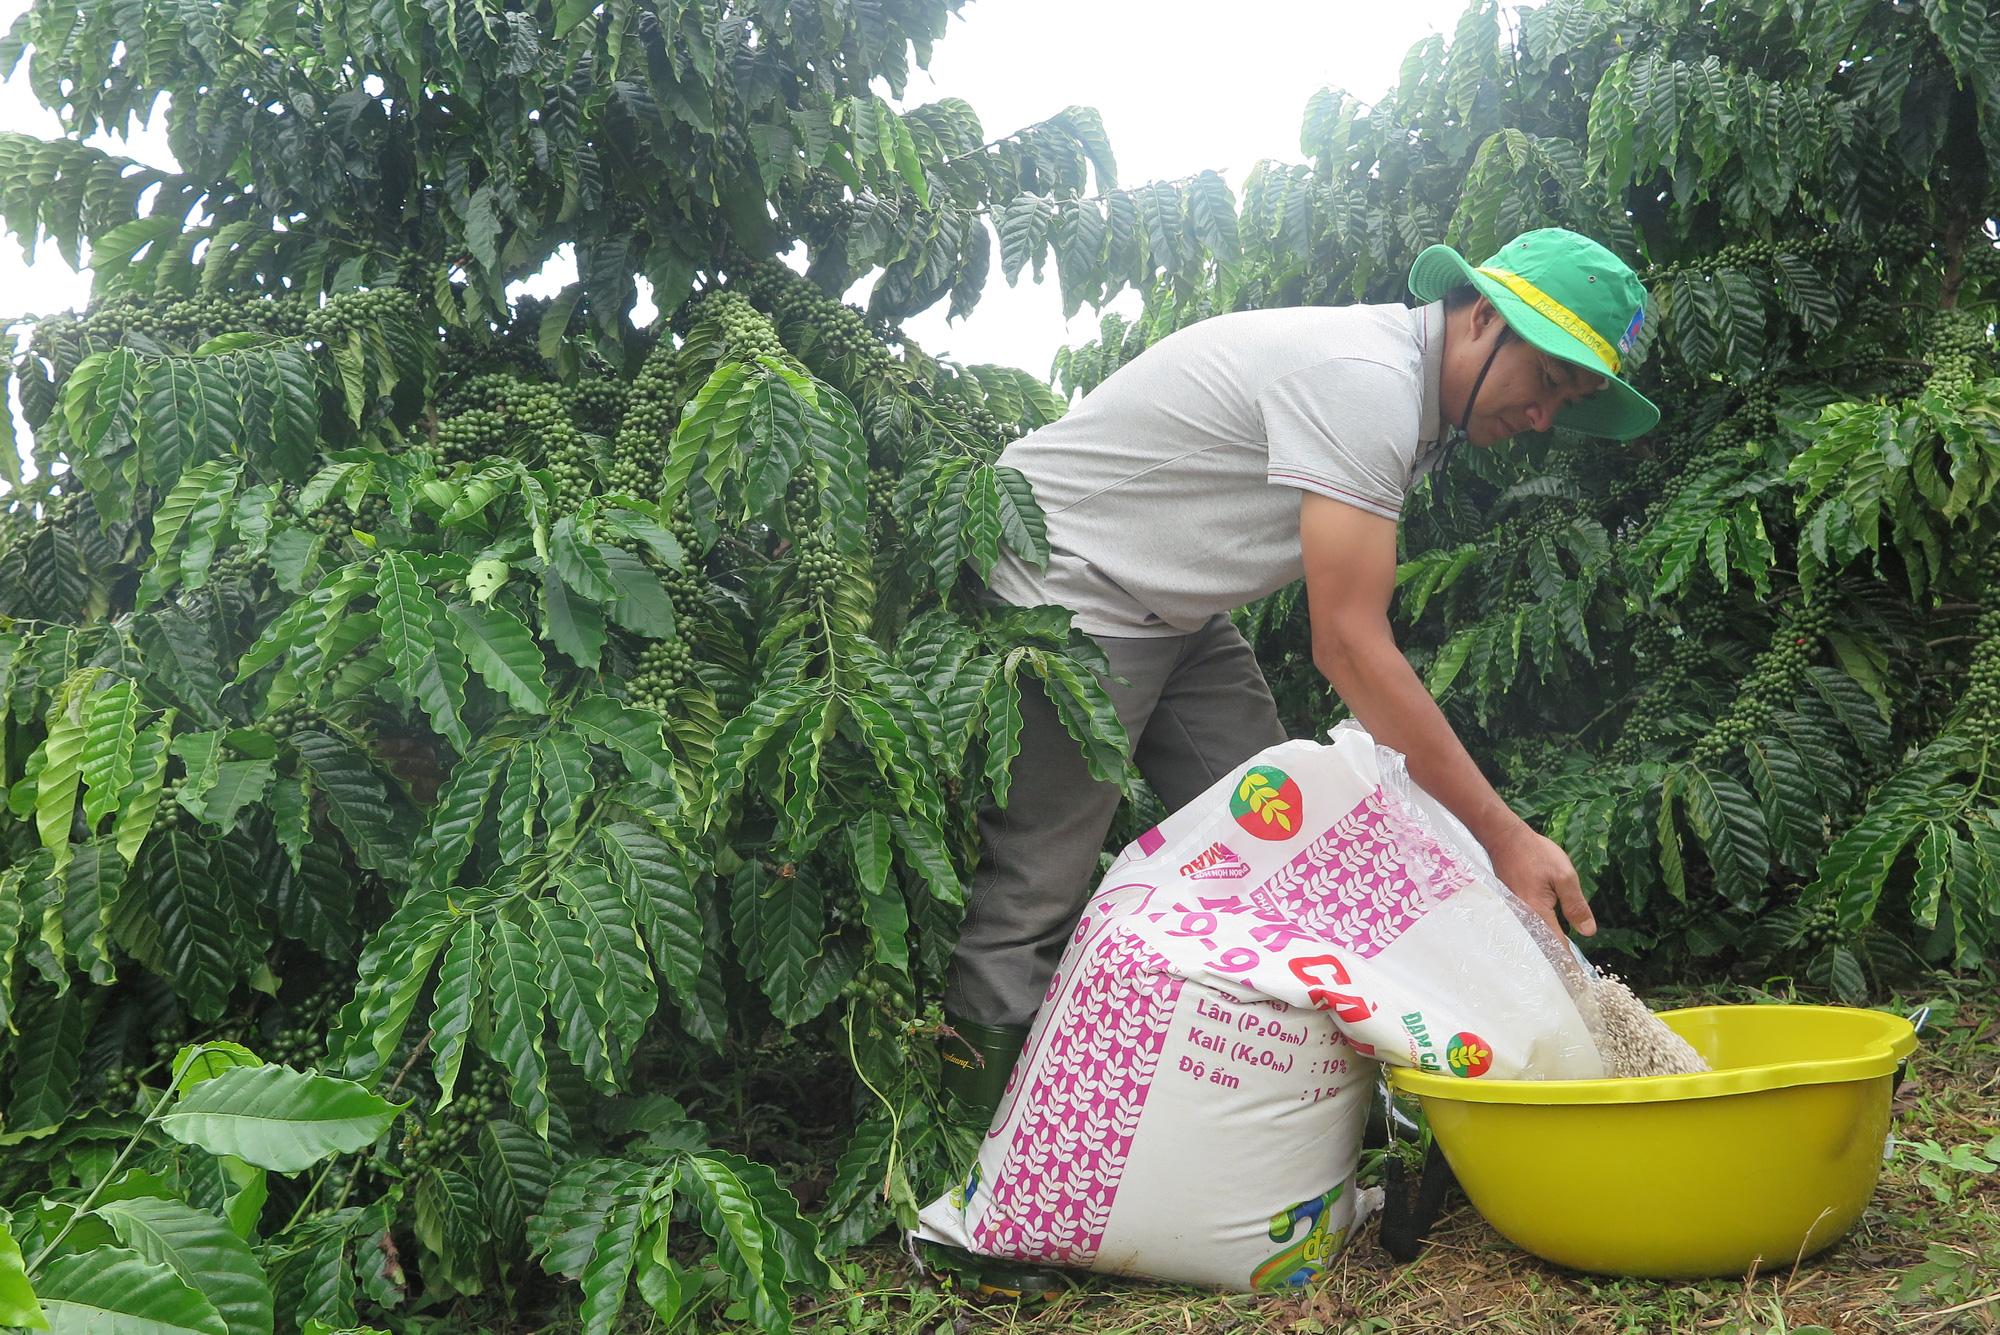 Triết lý kinh doanh gắn với lợi ích nhà nông - Ảnh 2.